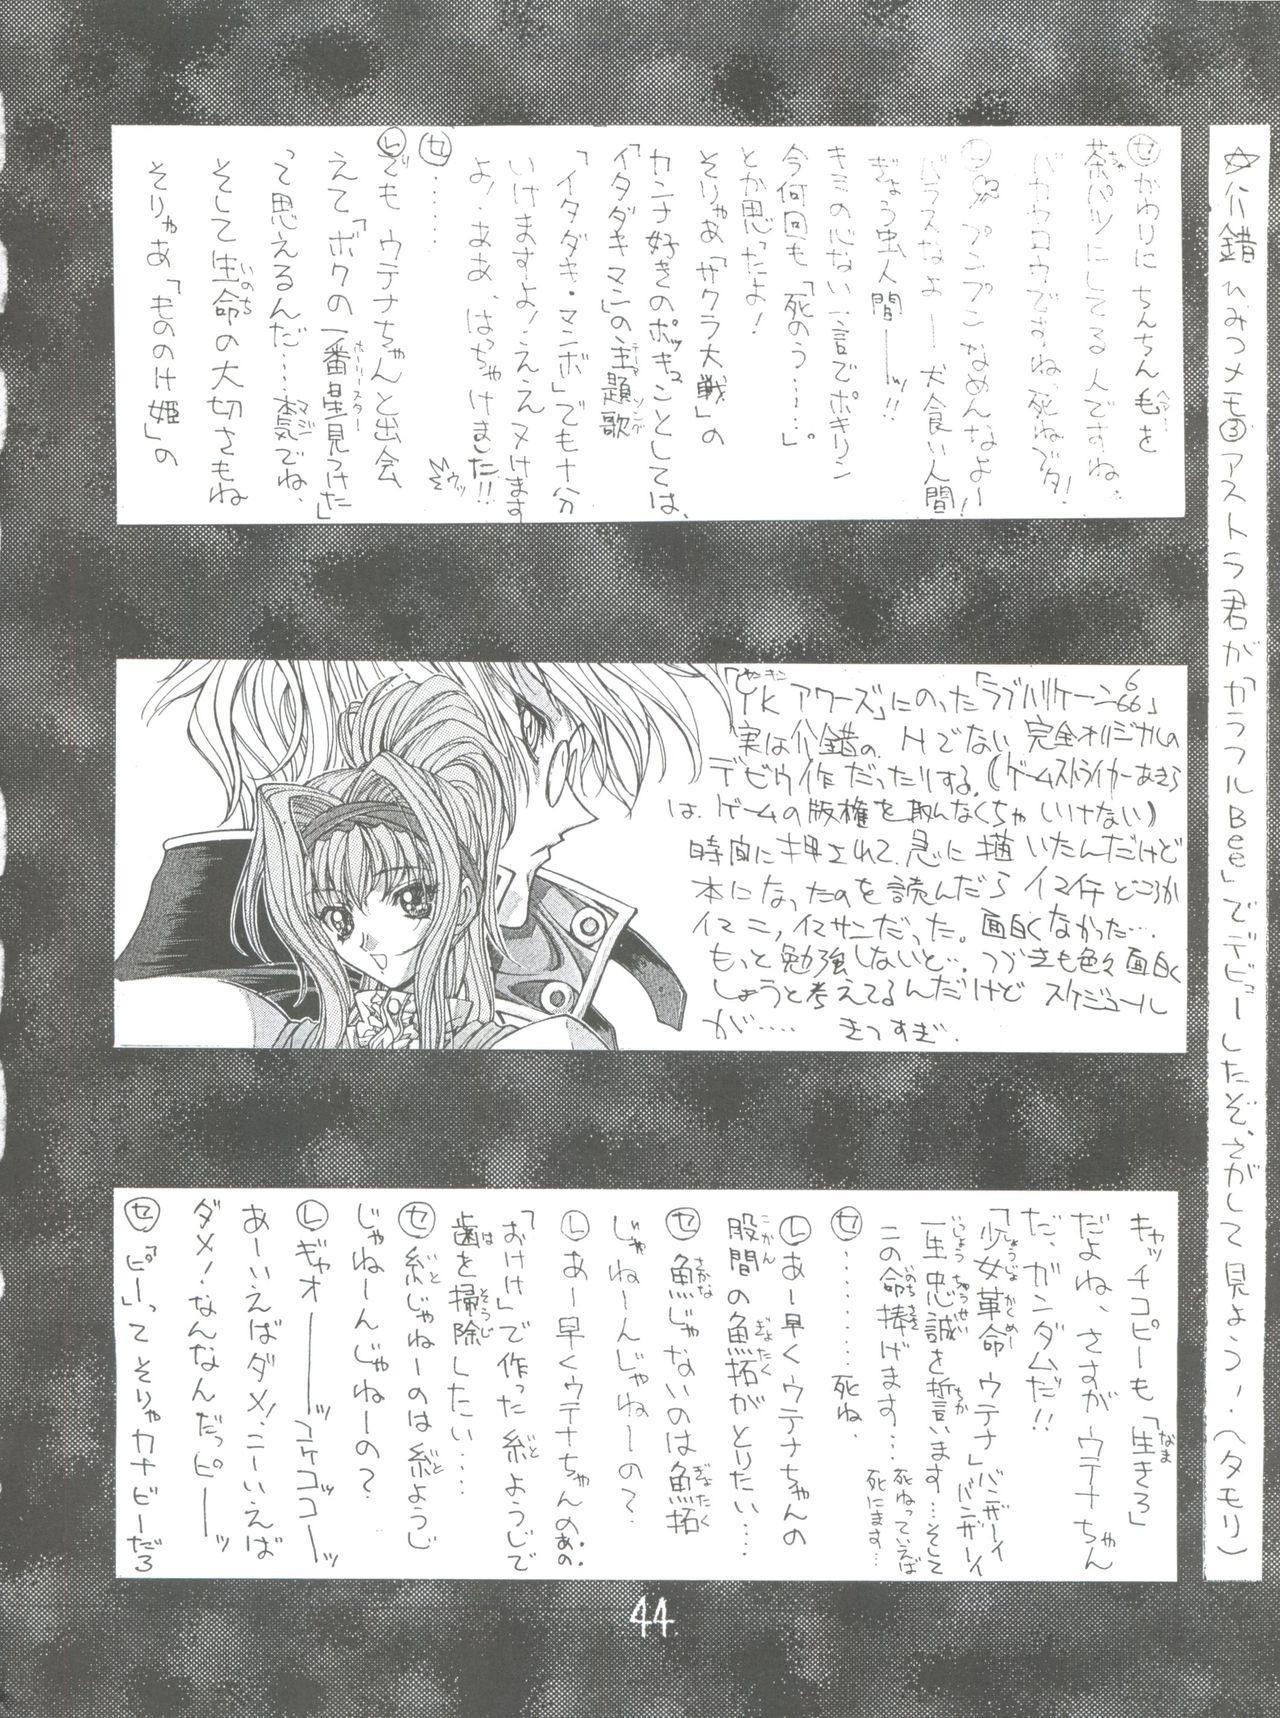 Shinku no Shounen Densetsu 42